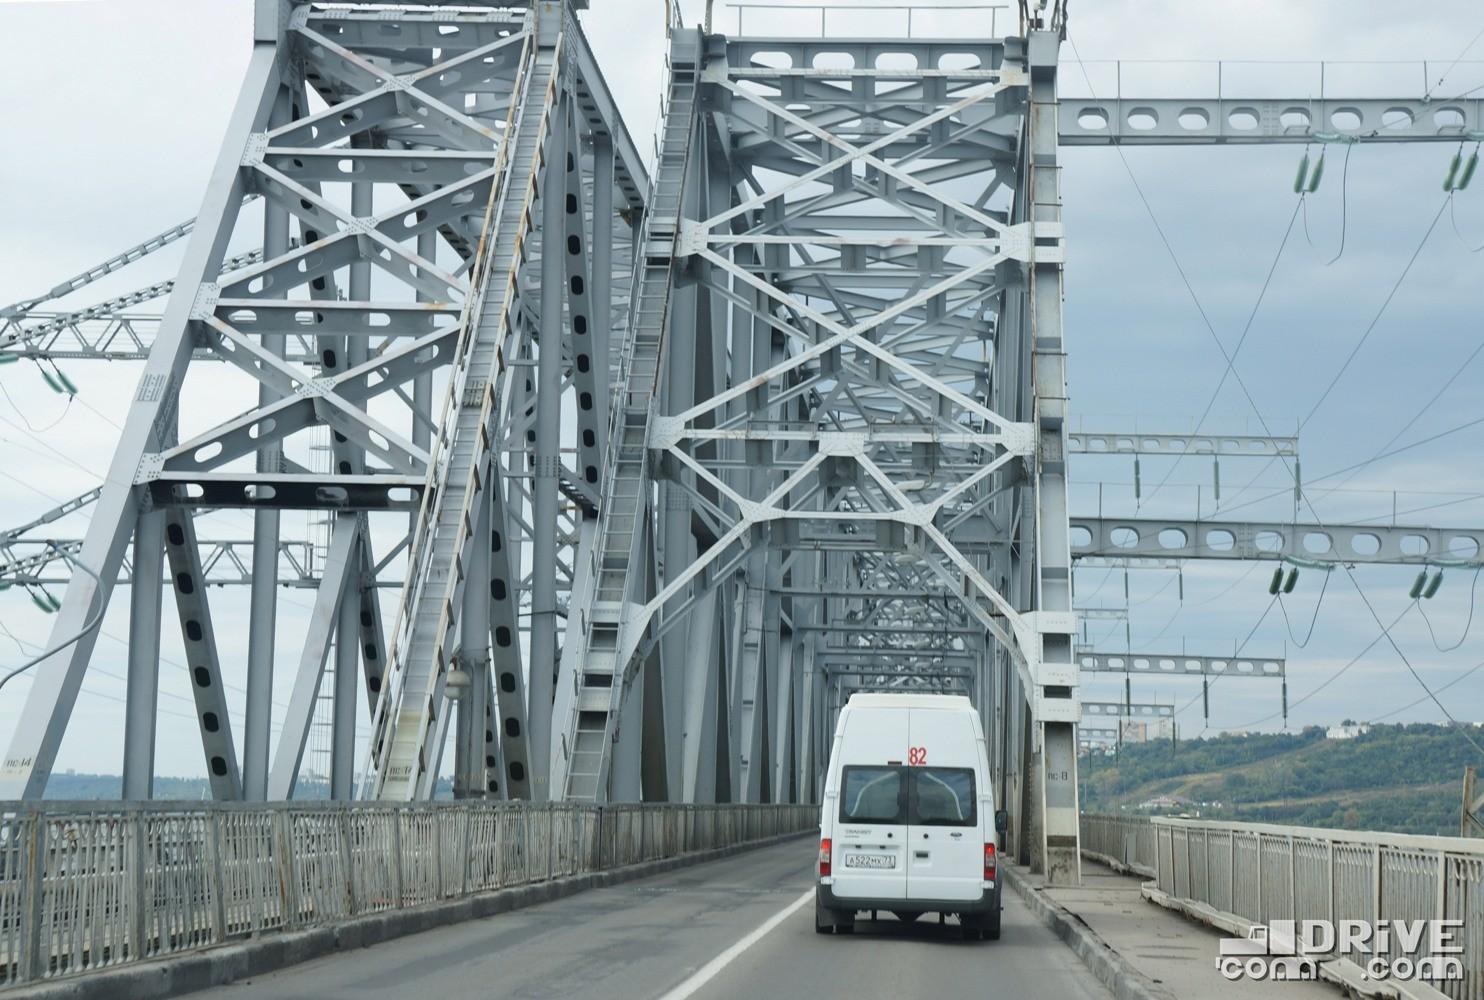 Слева – фермы одноколейного железнодорожного моста. Справа – двухполосный автомобильный мост